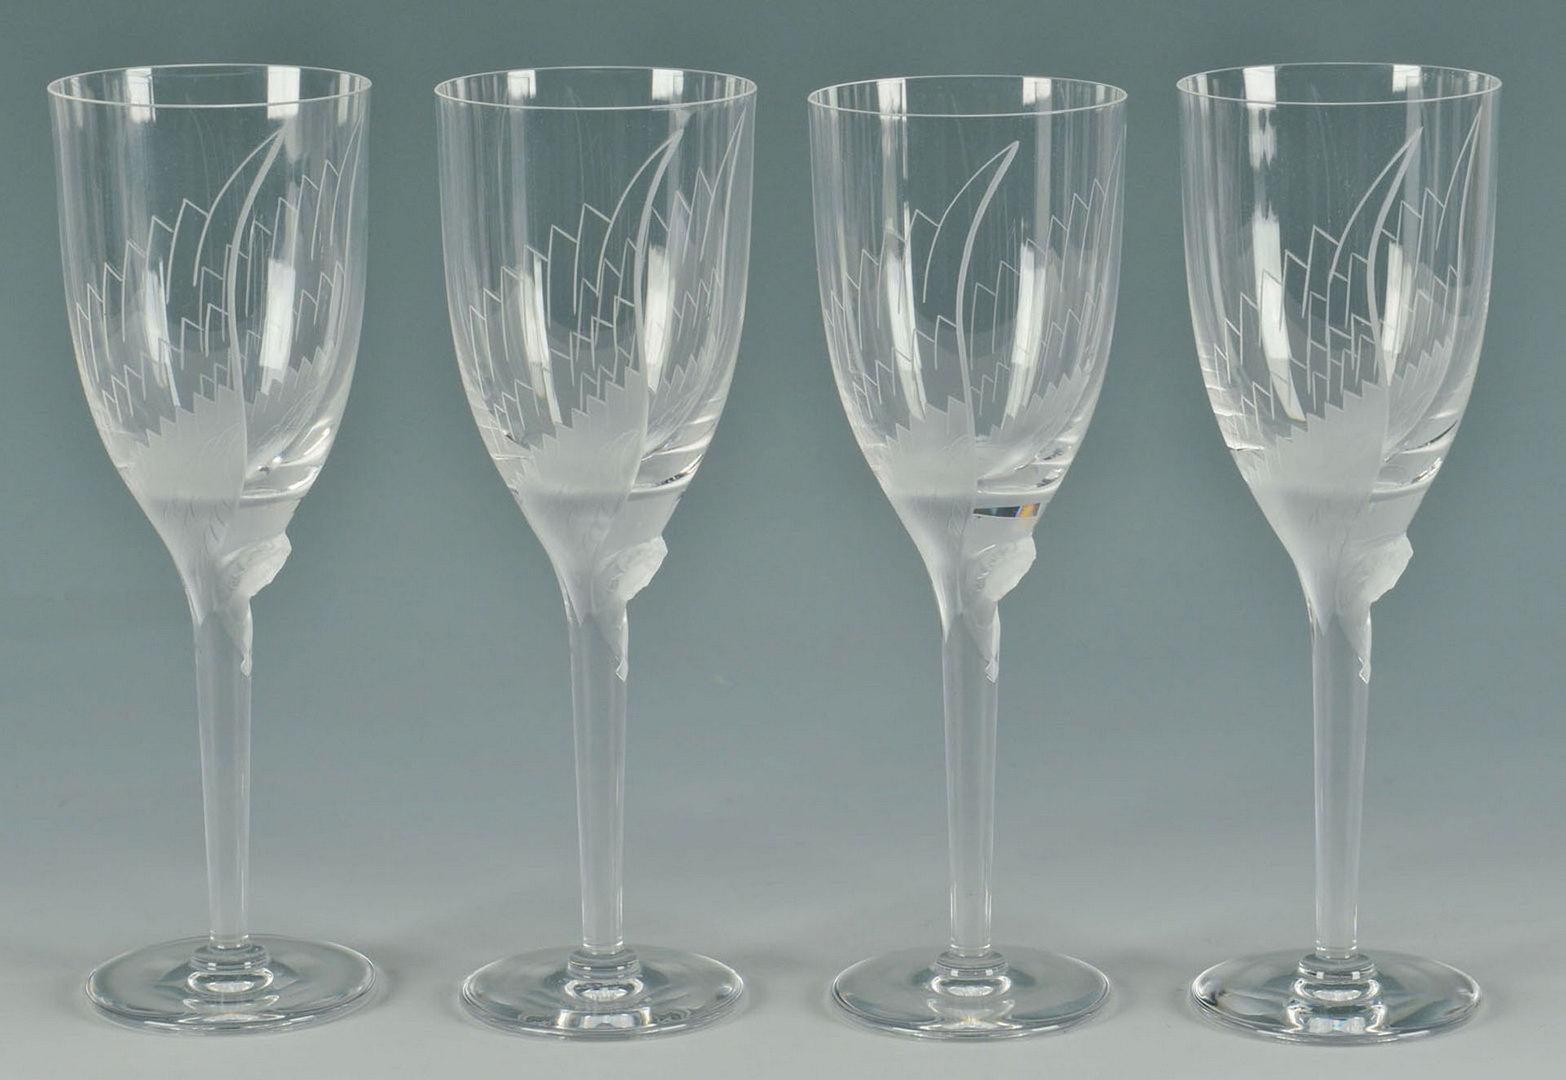 Lot 198: 4 Lalique Ange Champagne Flutes